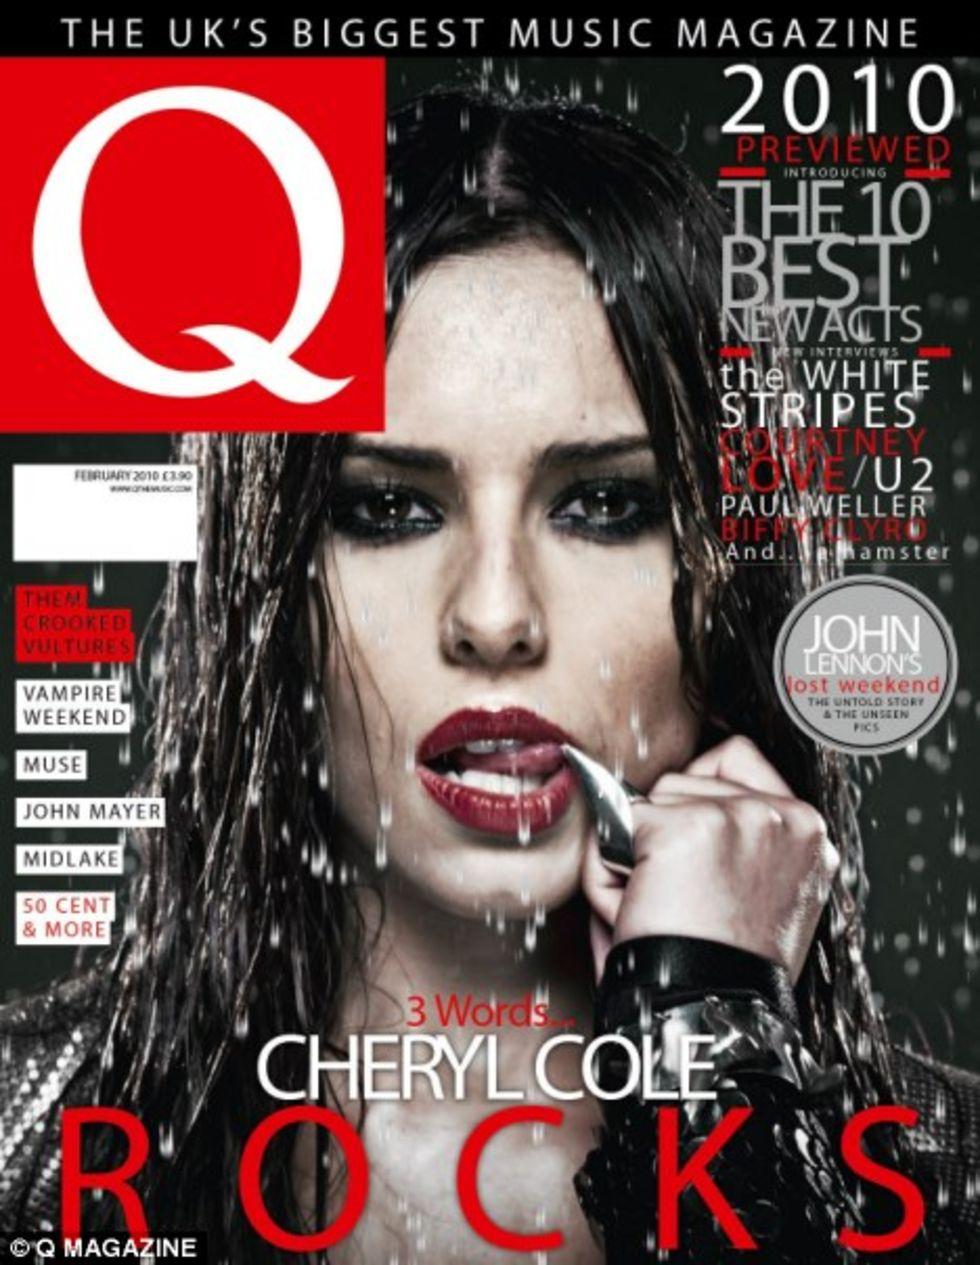 cheryl-cole-q-magazine-february-2010-lq-01